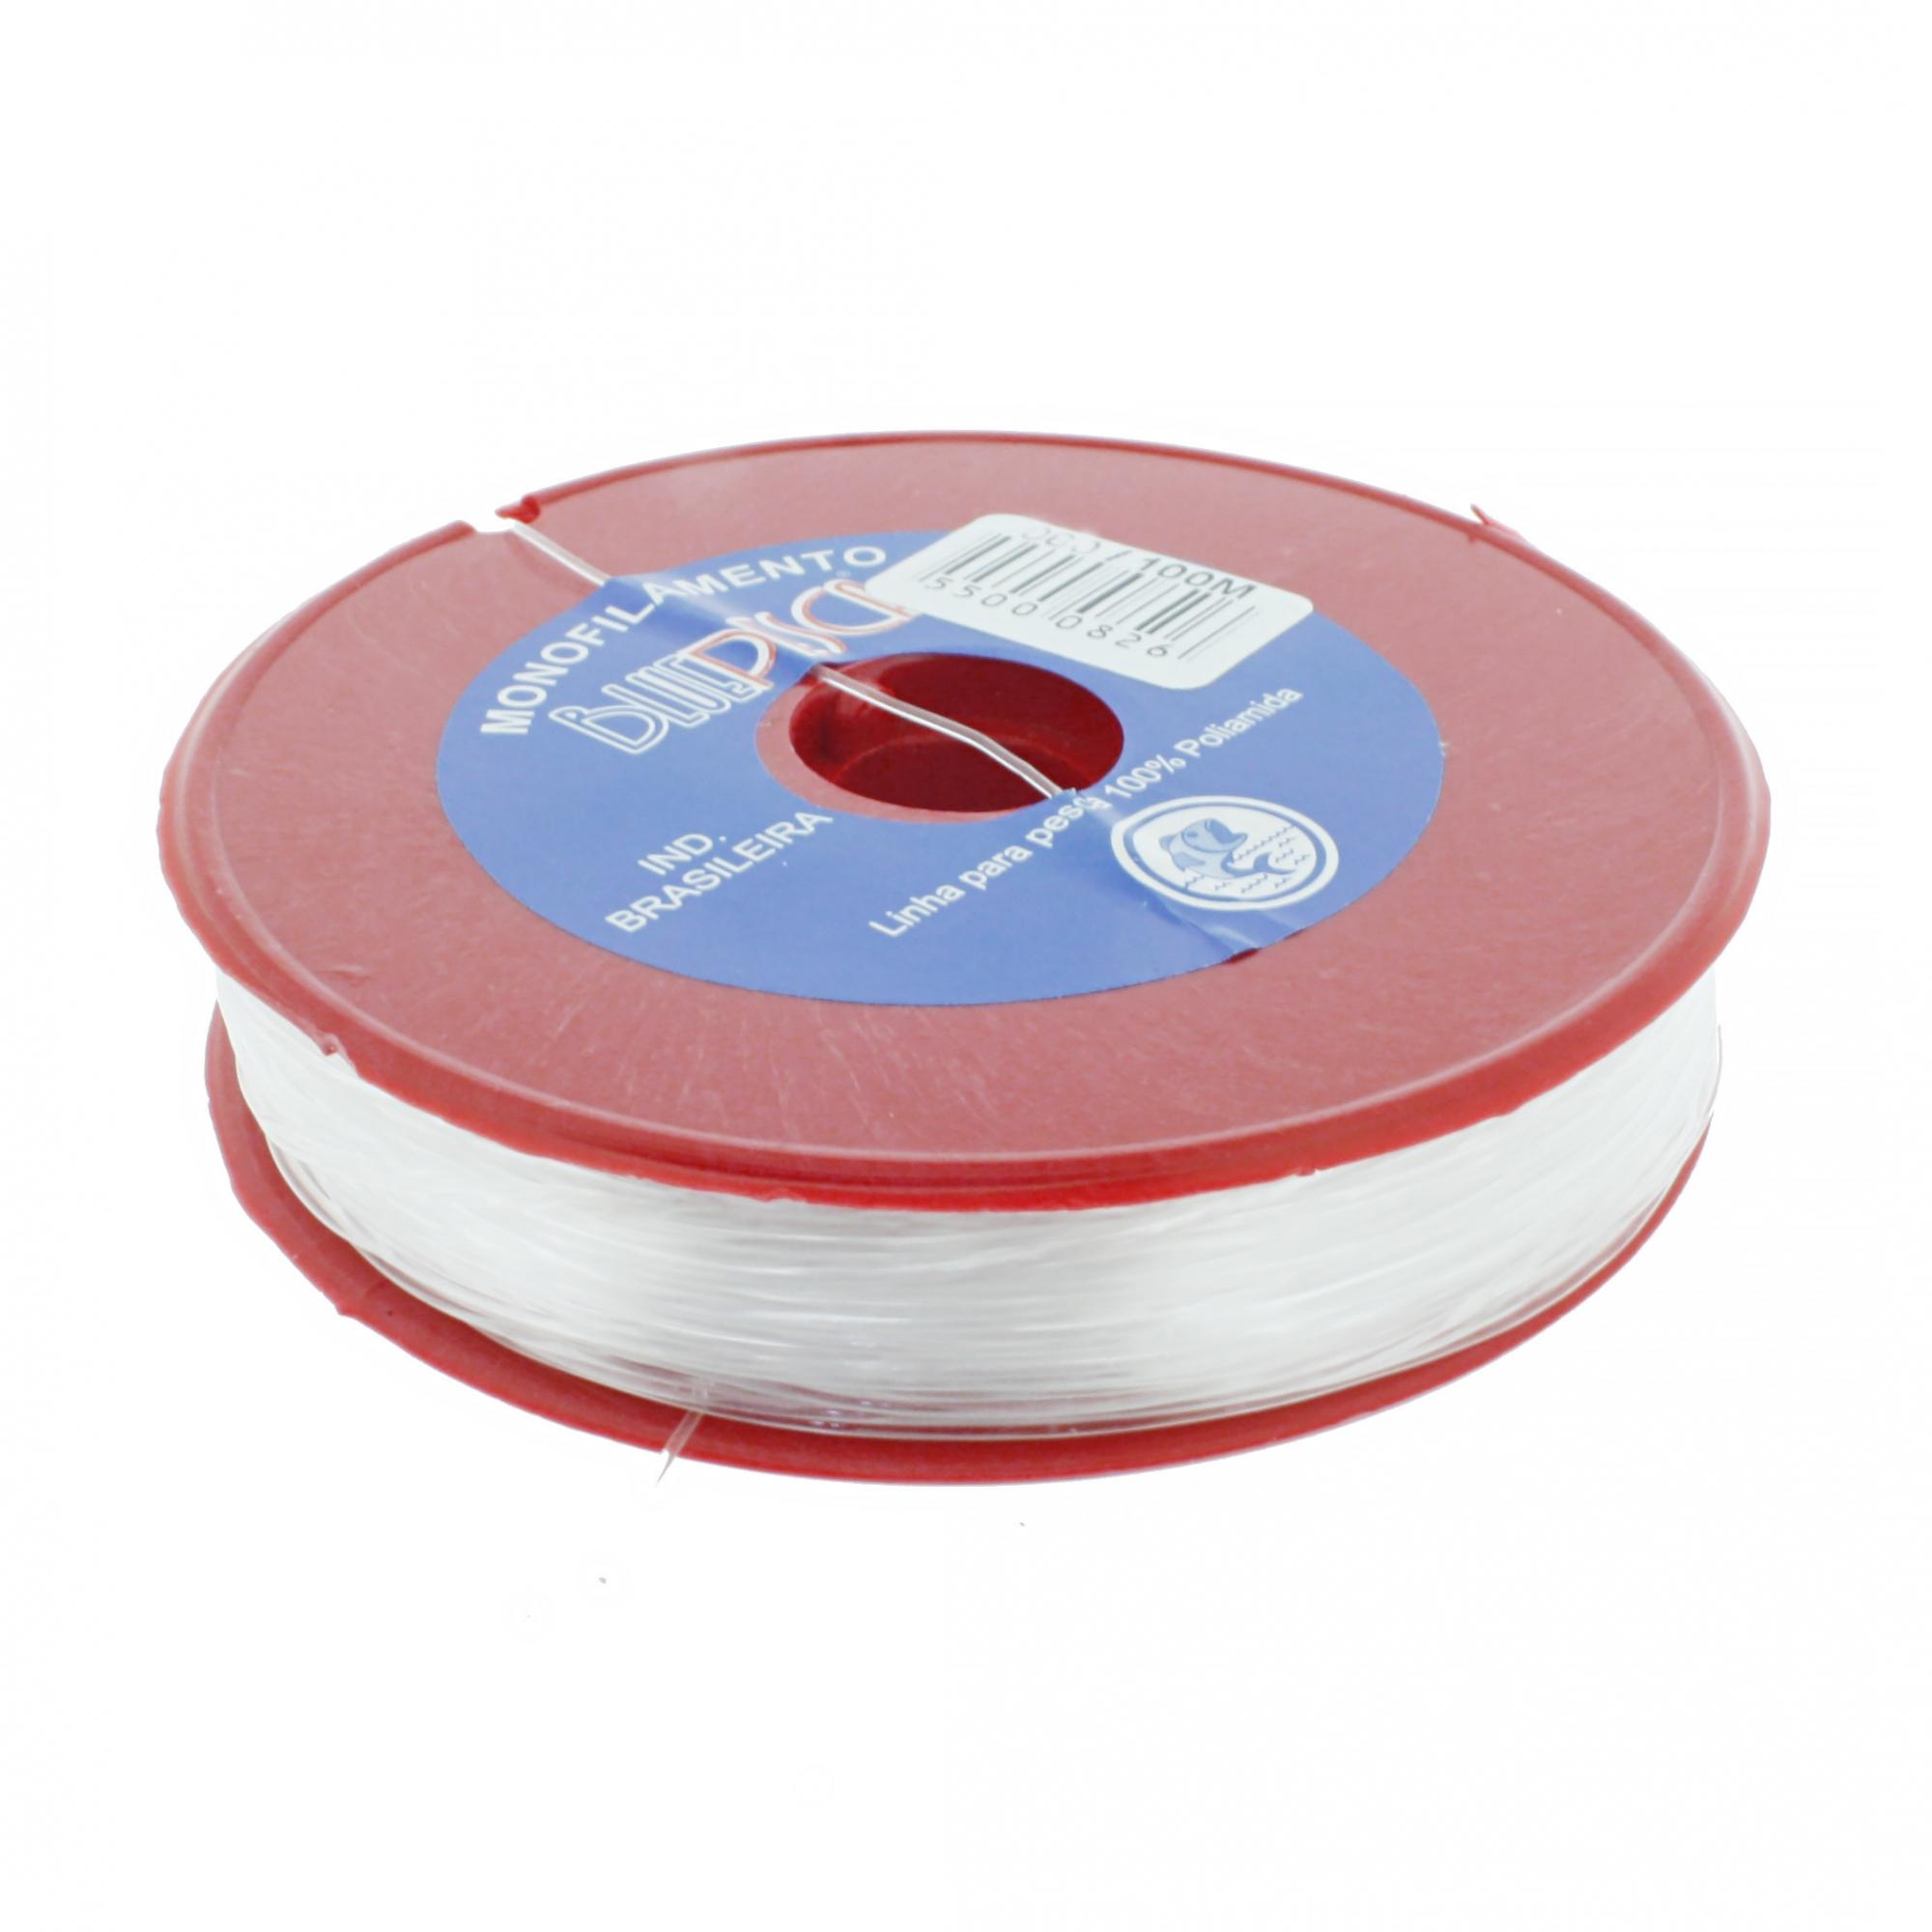 Fio de Nylon - 0,60mm  - Stéphanie Bijoux® - Peças para Bijuterias e Artesanato